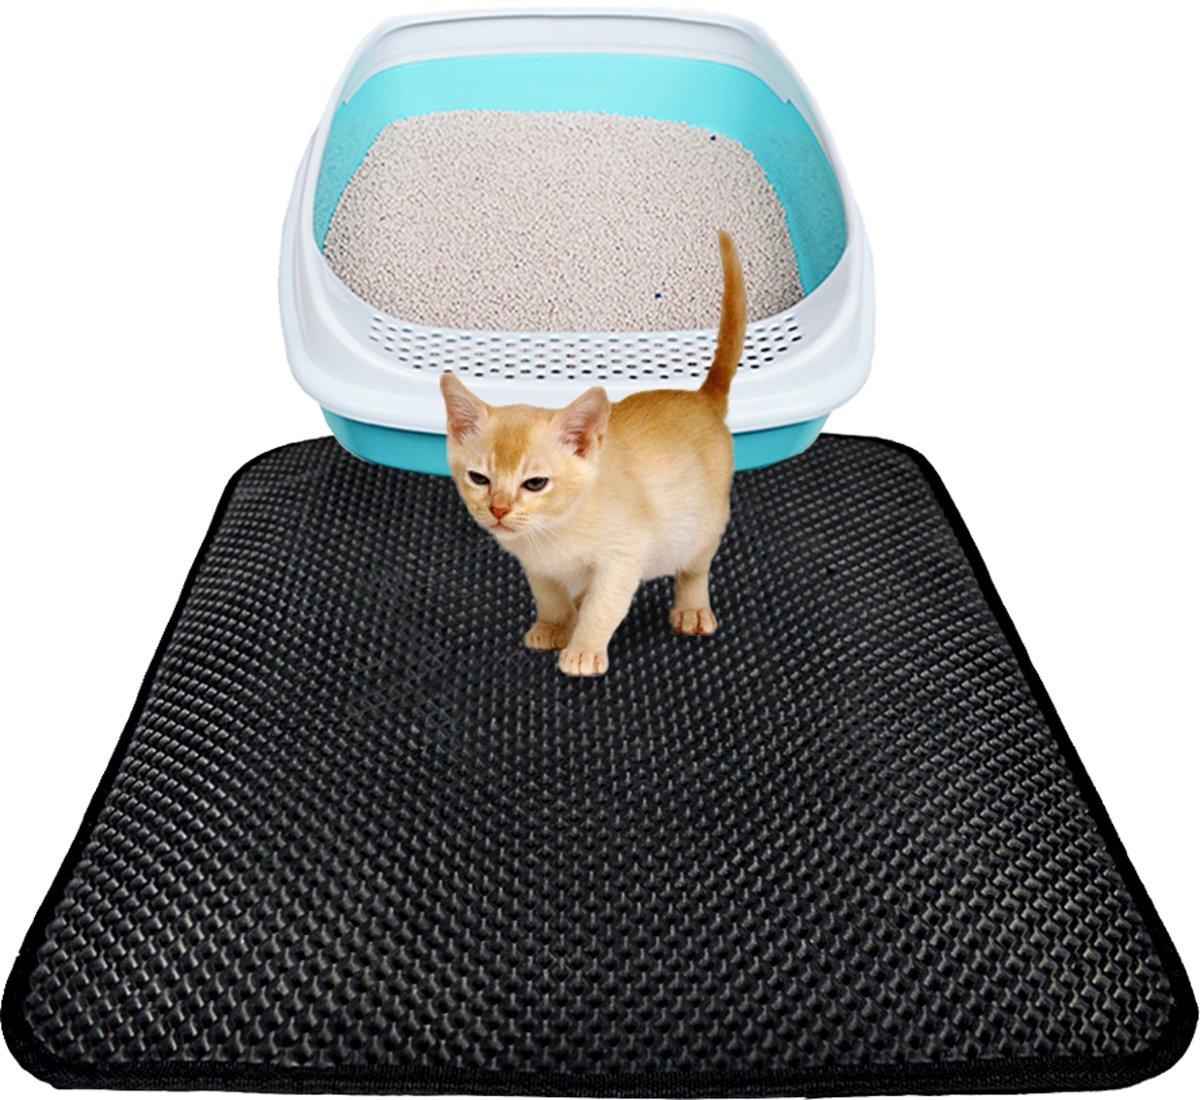 Kattenbak Mat - cat litter mat - Vangt Grind Op kopen